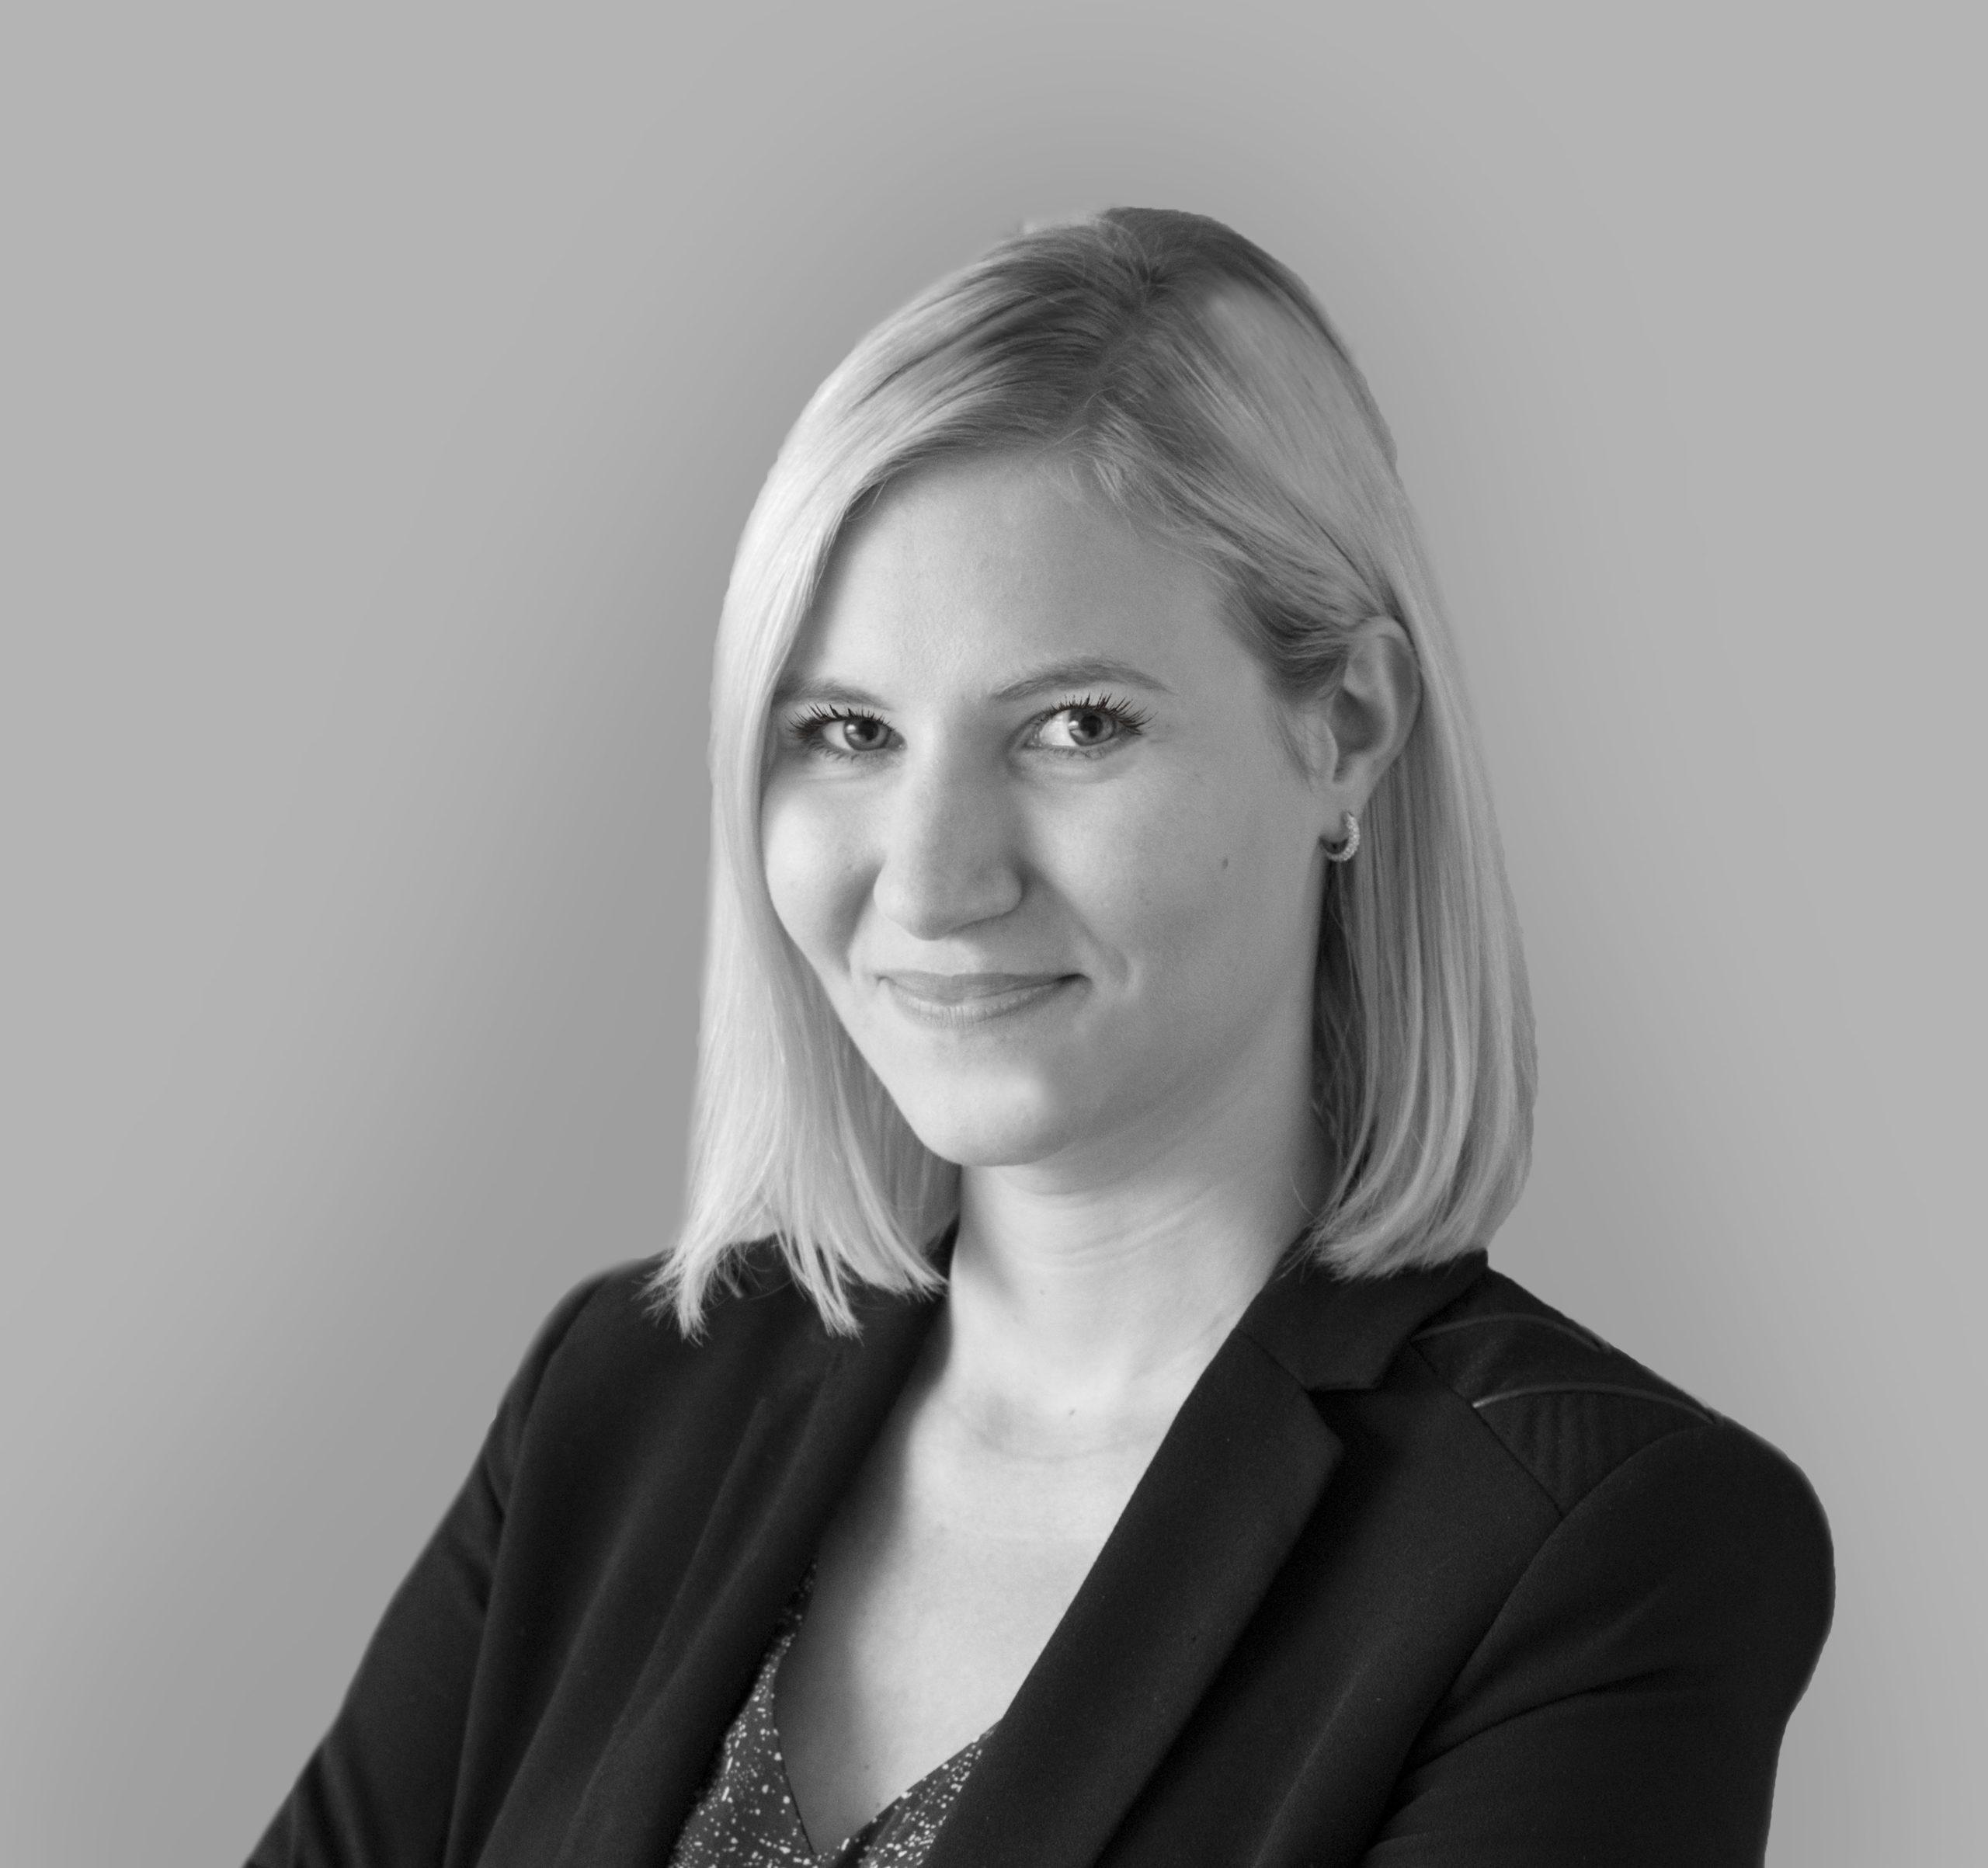 Sarah Schonleber